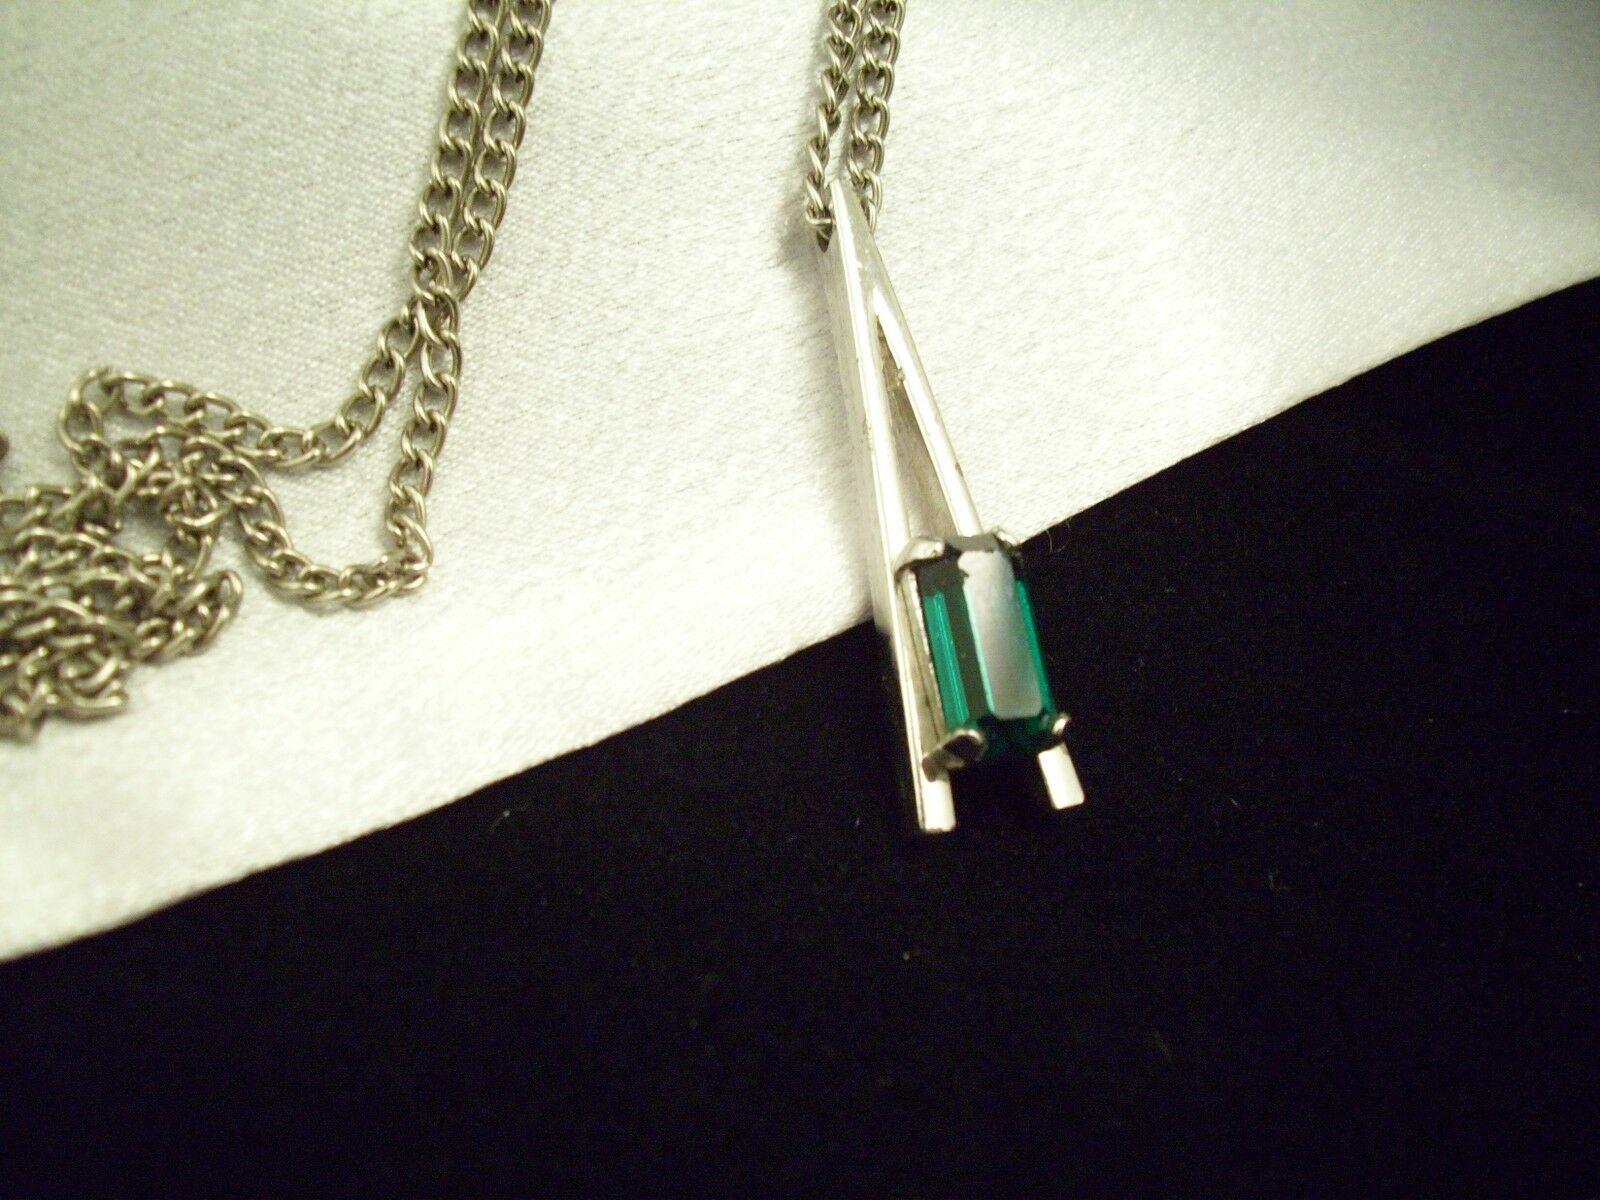 AVON Emerald GREEN Baguette Cut Rhinestone Pendant Necklace PARK EAST Vintage  image 3